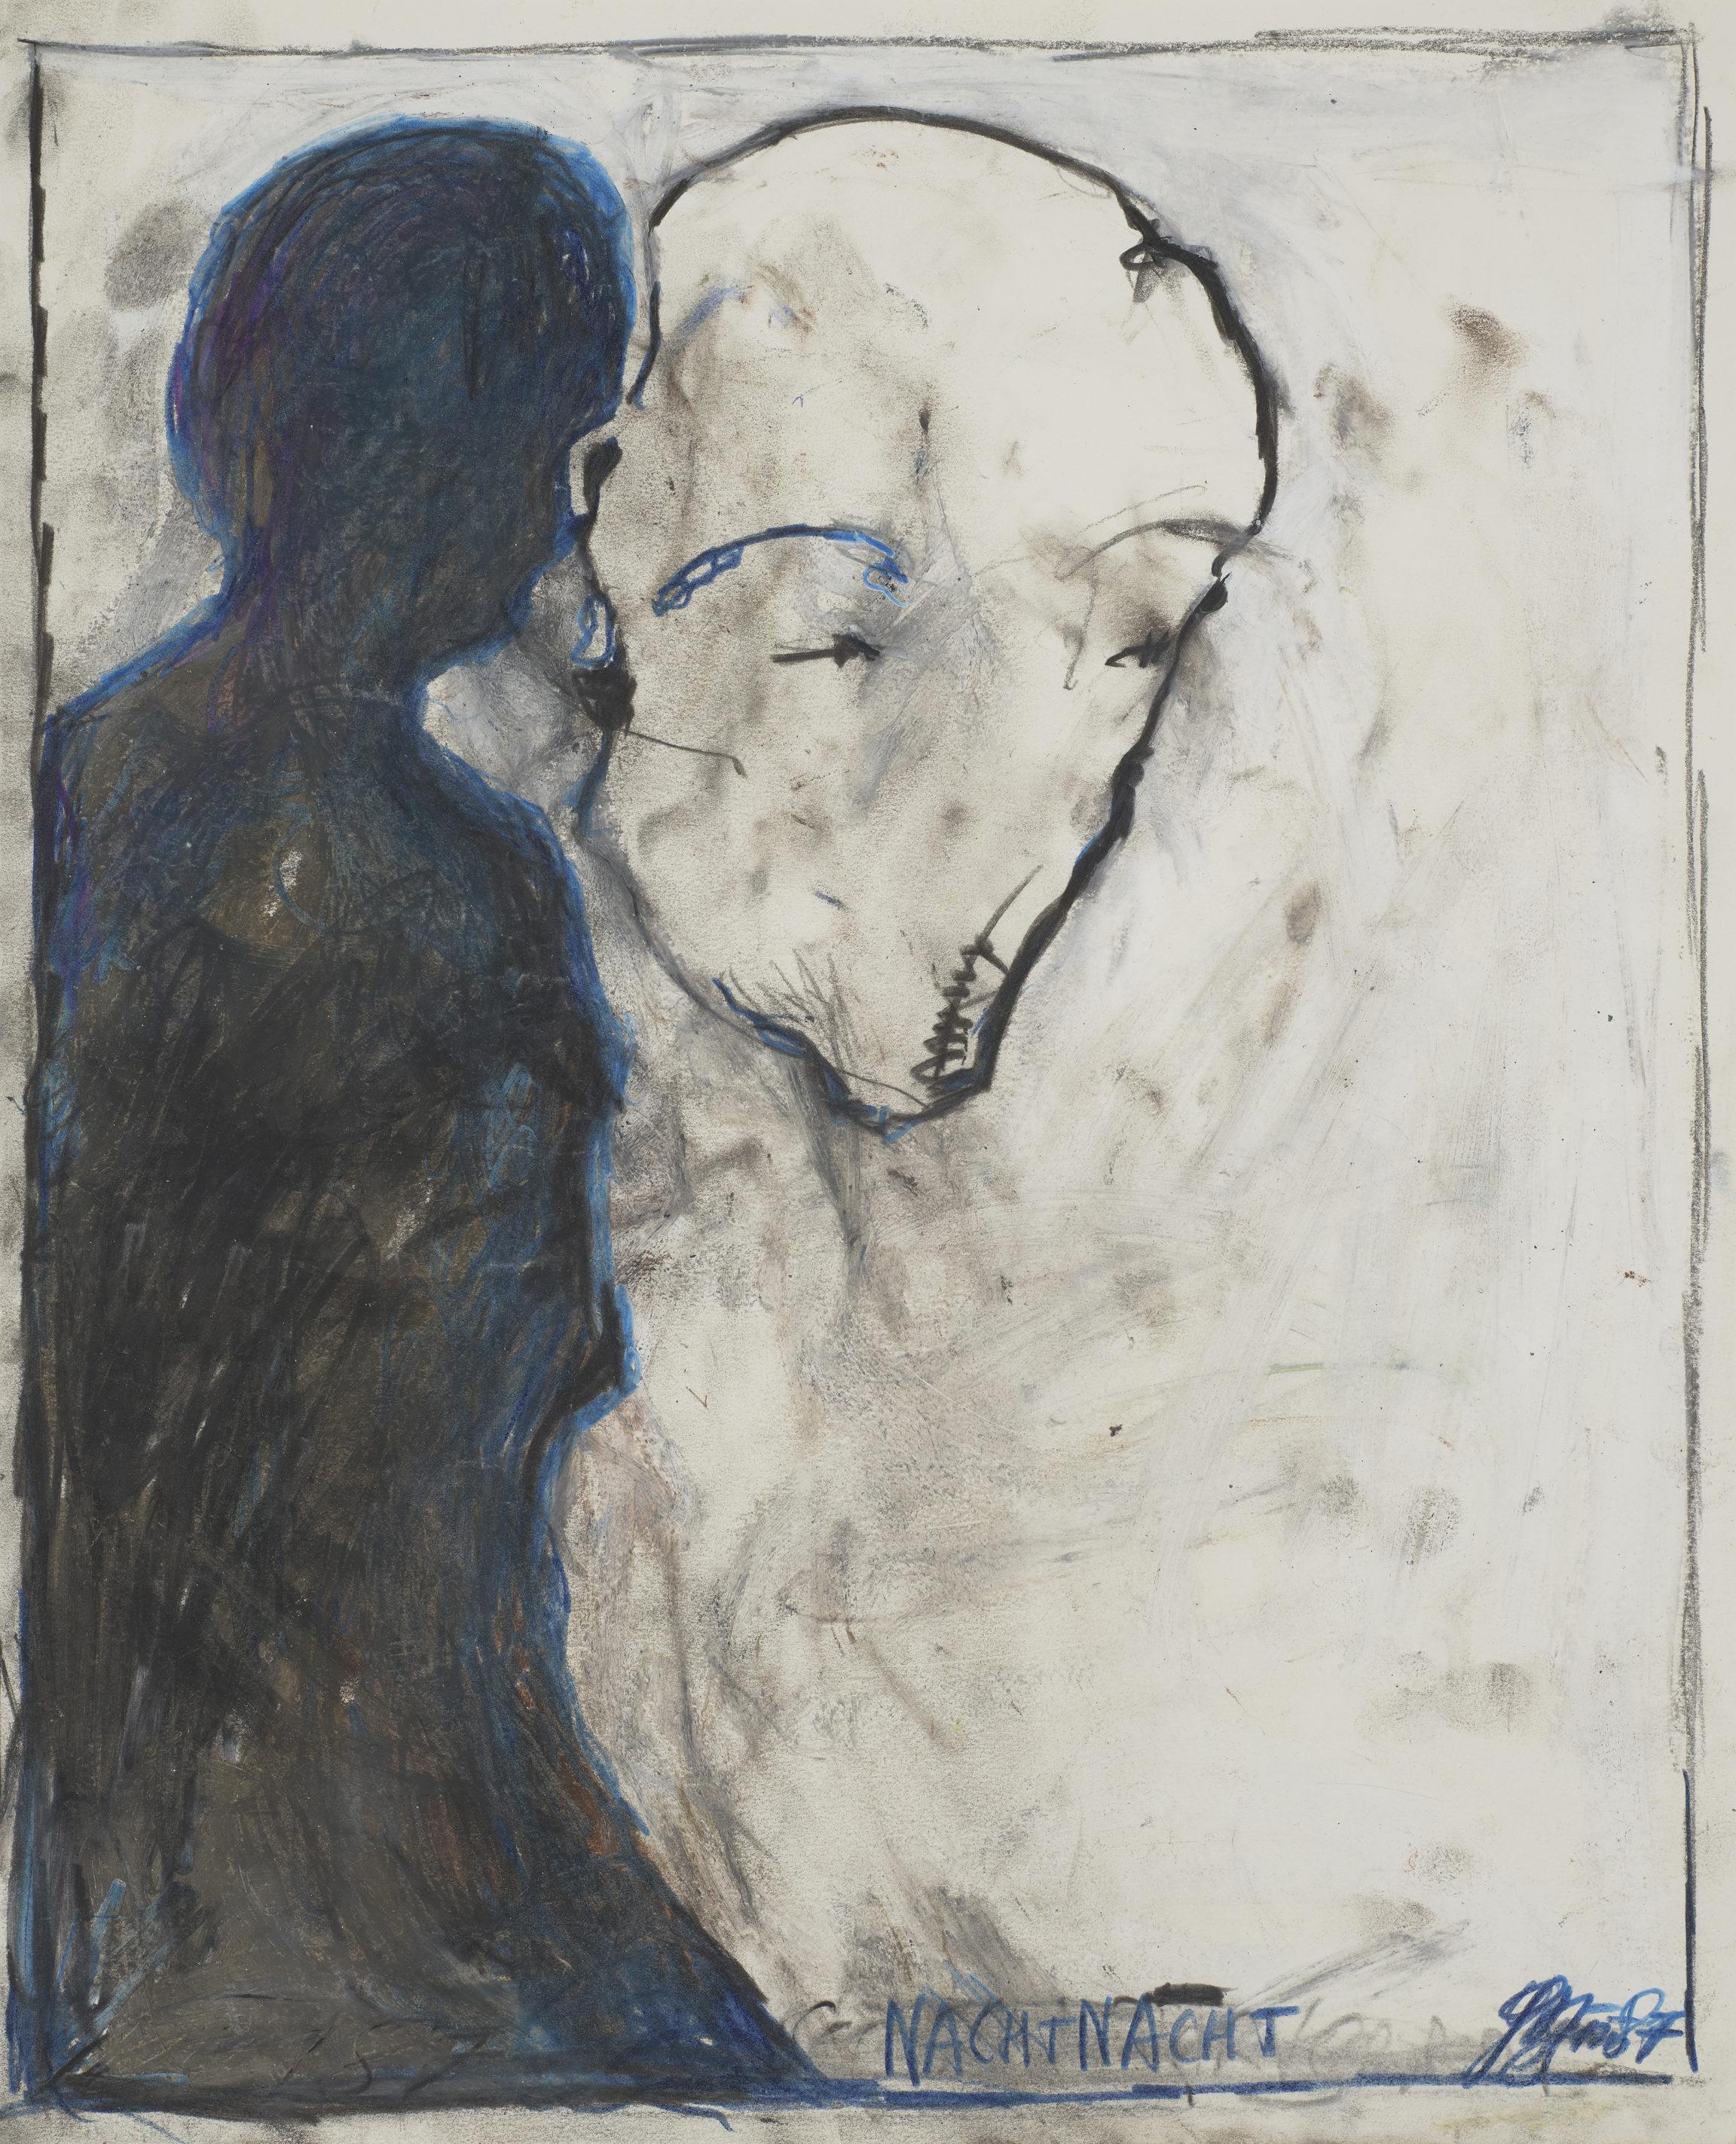 Günter Brus , Nachtnacht, 1987